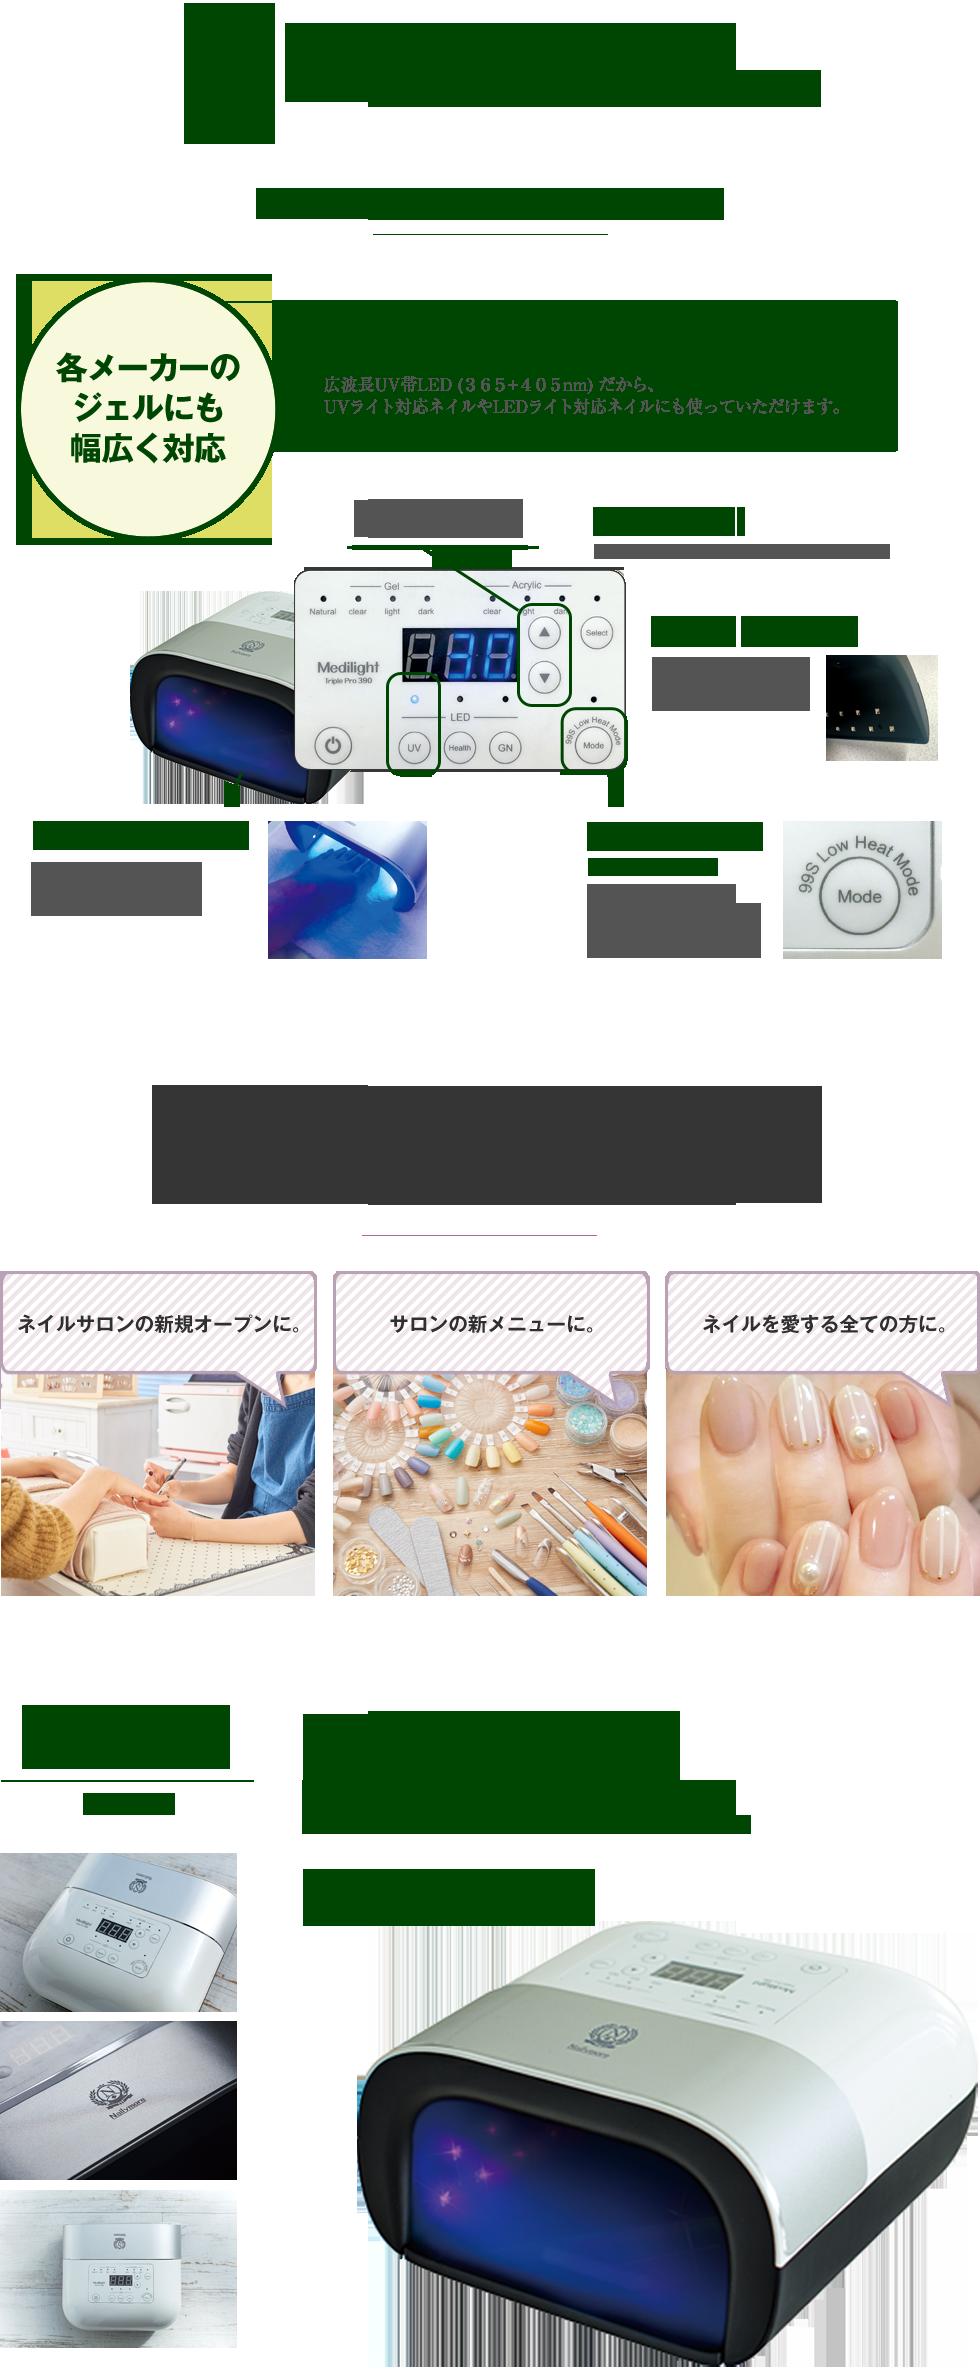 3.ネイルアート用UV/LEDランプ(低刺激モード搭載)機能